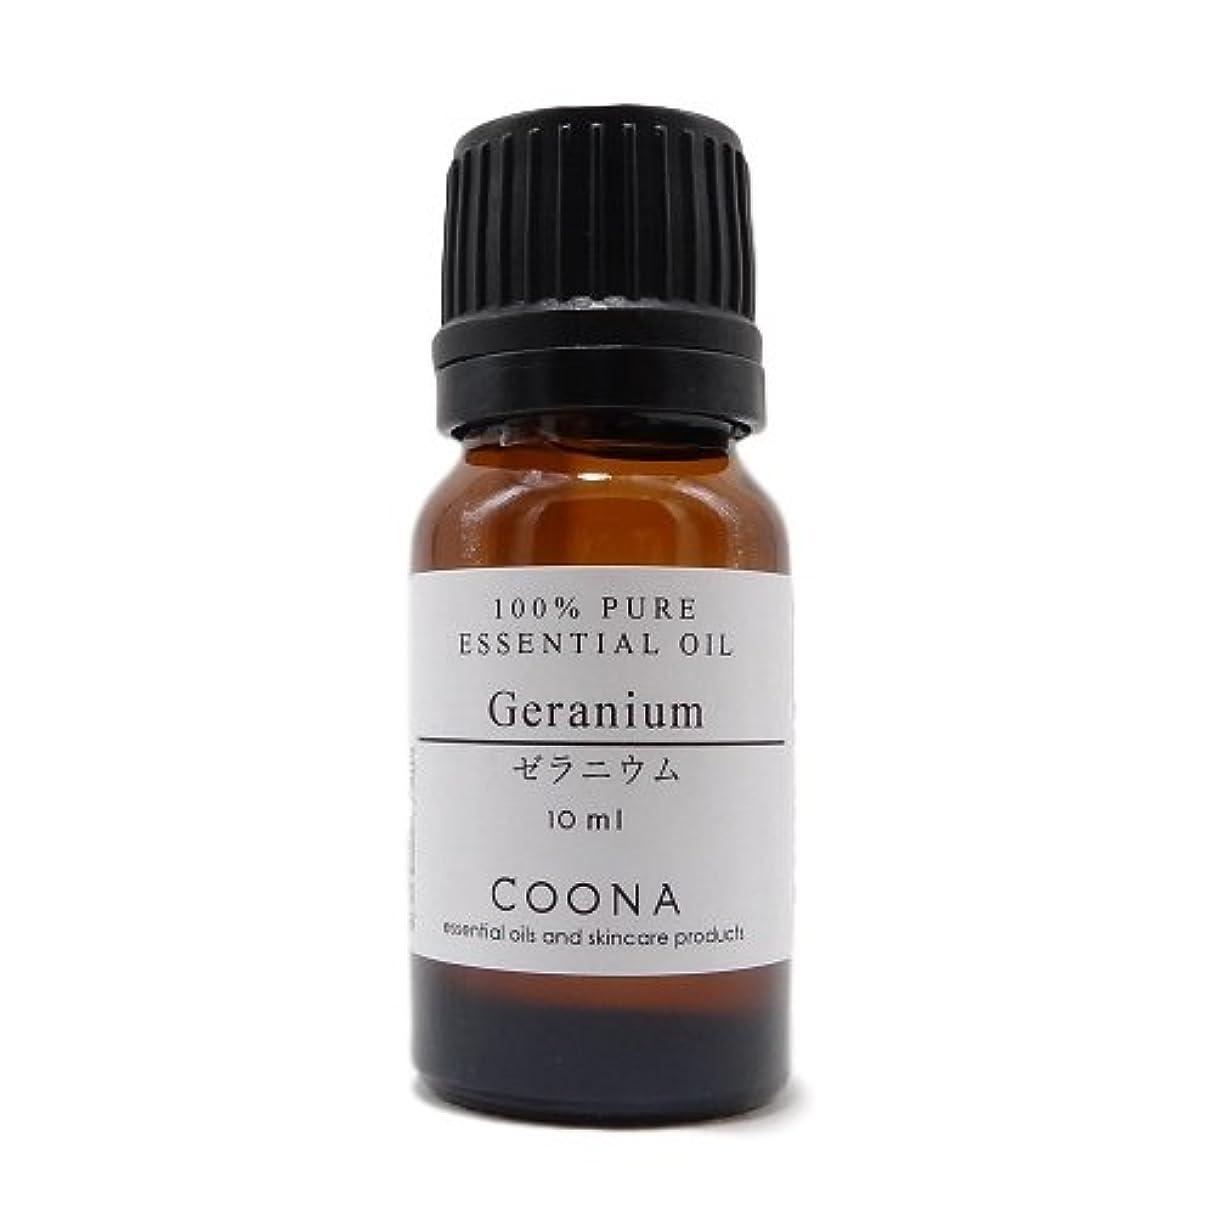 愛情深いパンフレット陽気なゼラニウム 10 ml (COONA エッセンシャルオイル アロマオイル 100%天然植物精油)